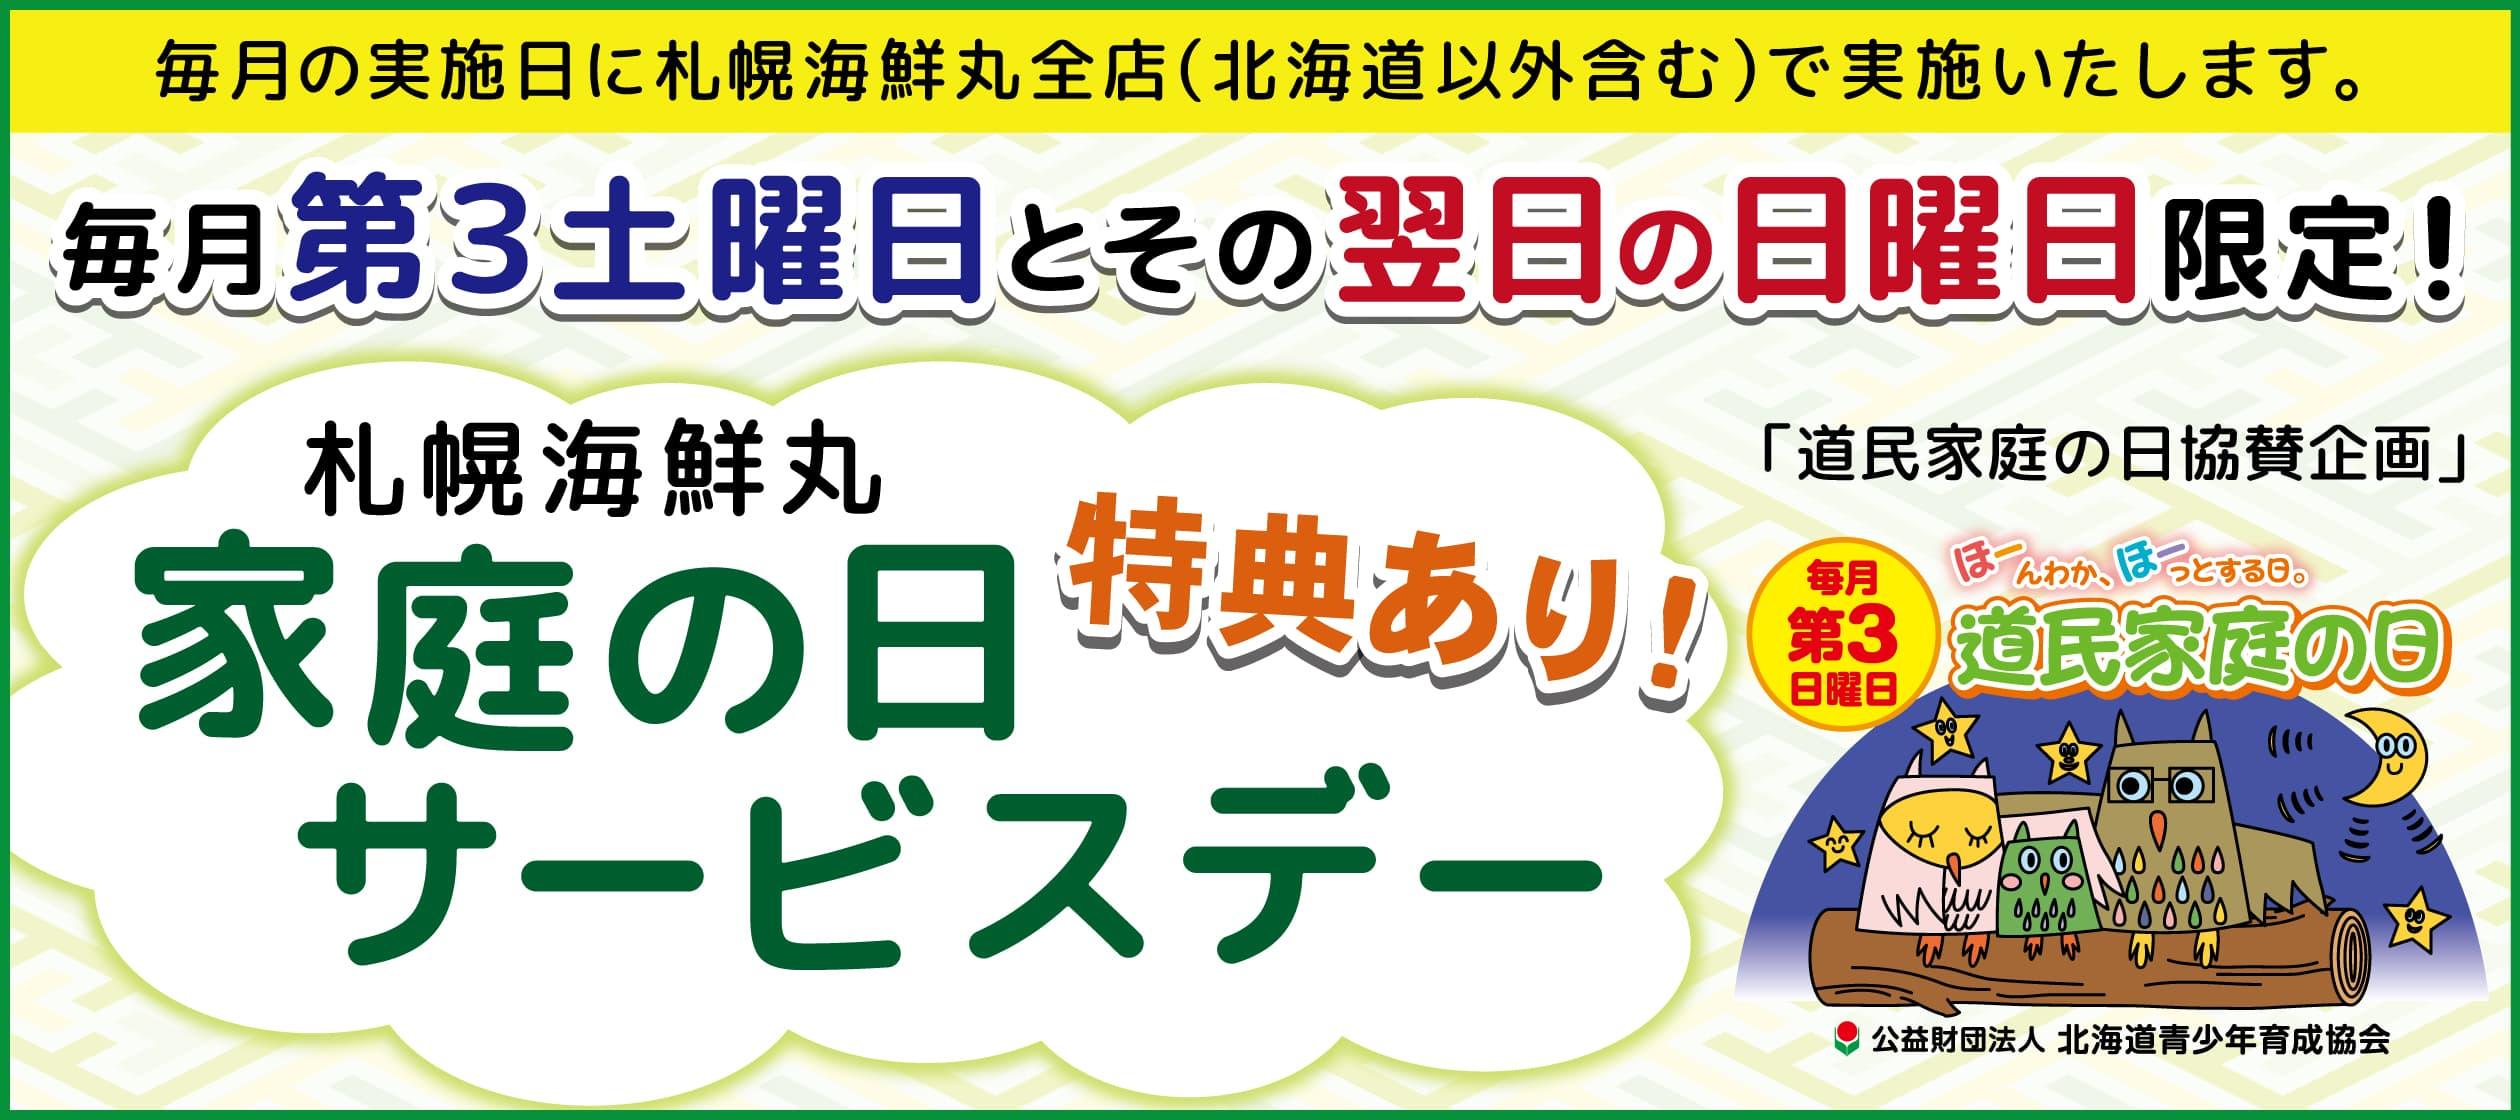 札幌海鮮丸 家庭の日サービスデー(実施日限定特典あり!)